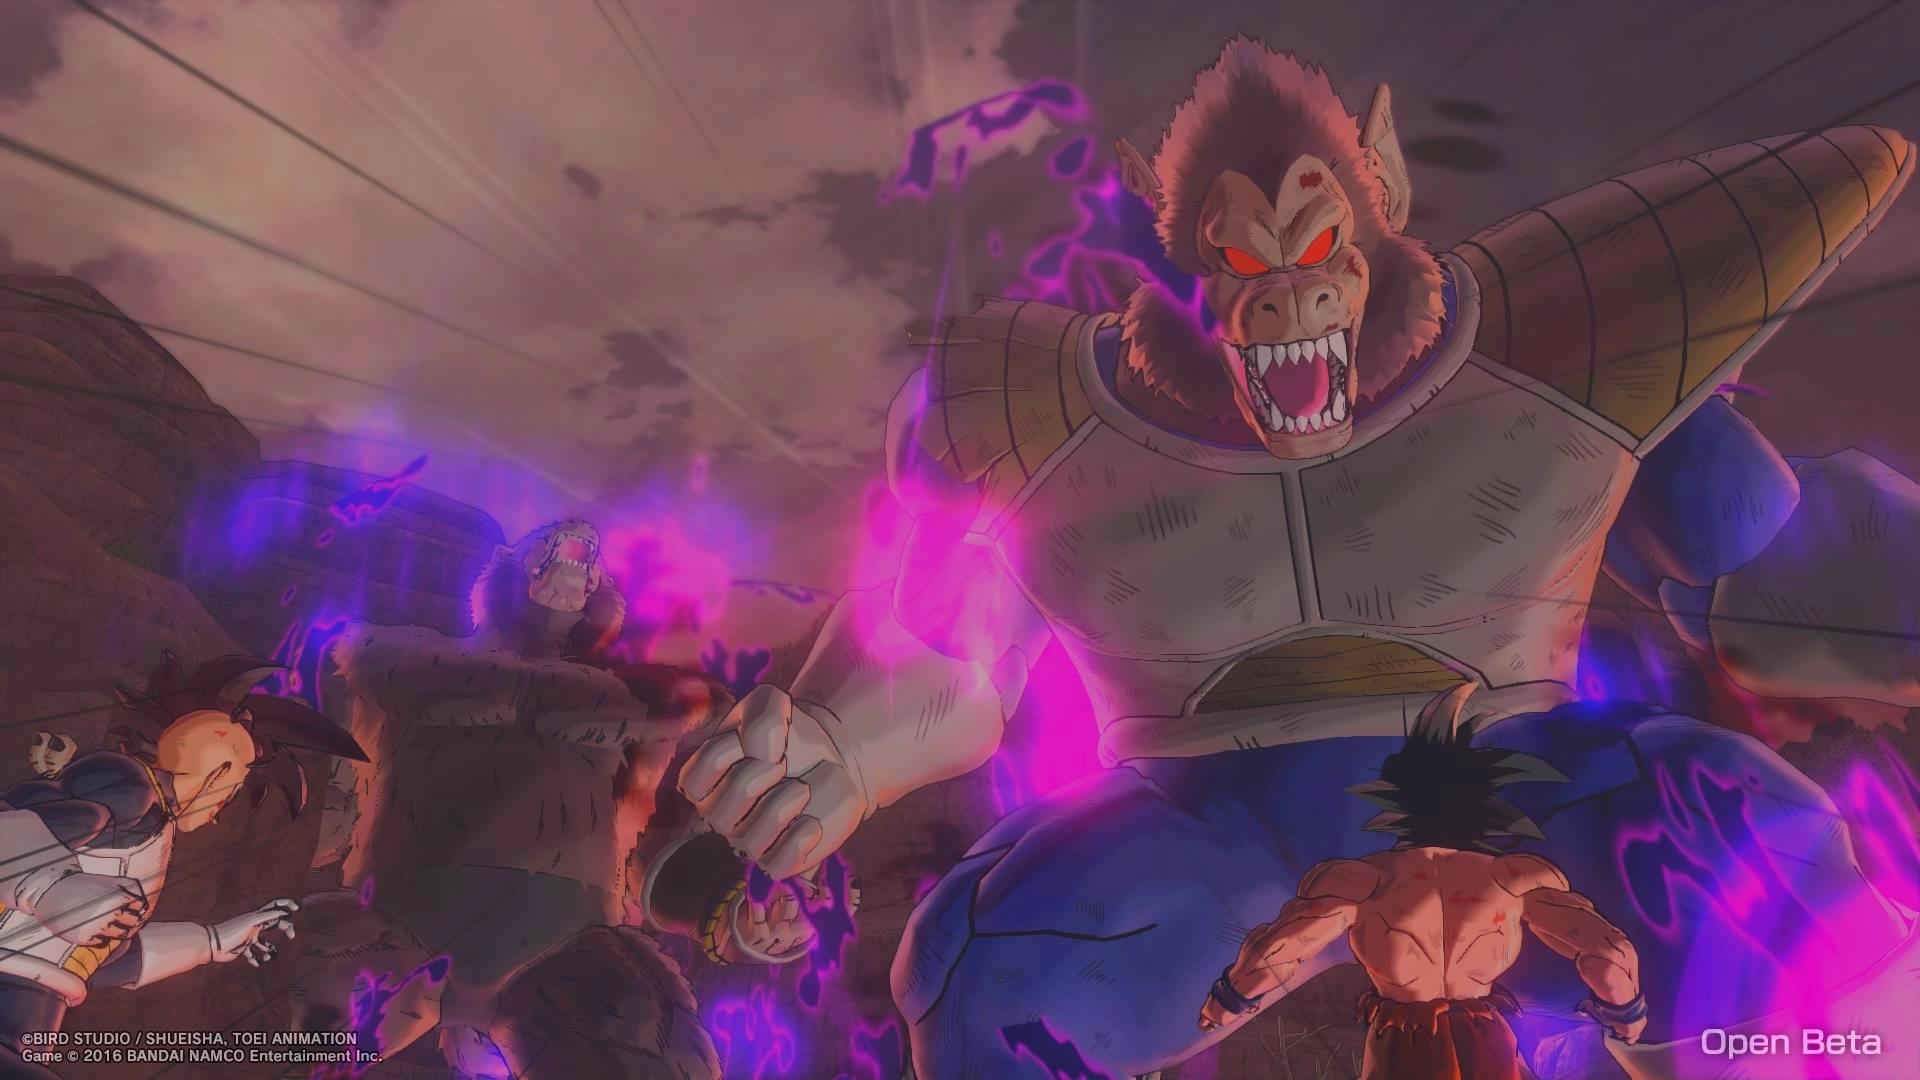 [Aperçu et démo] Dragon Ball Xenoverse 2, essai d'une Bêta décevante